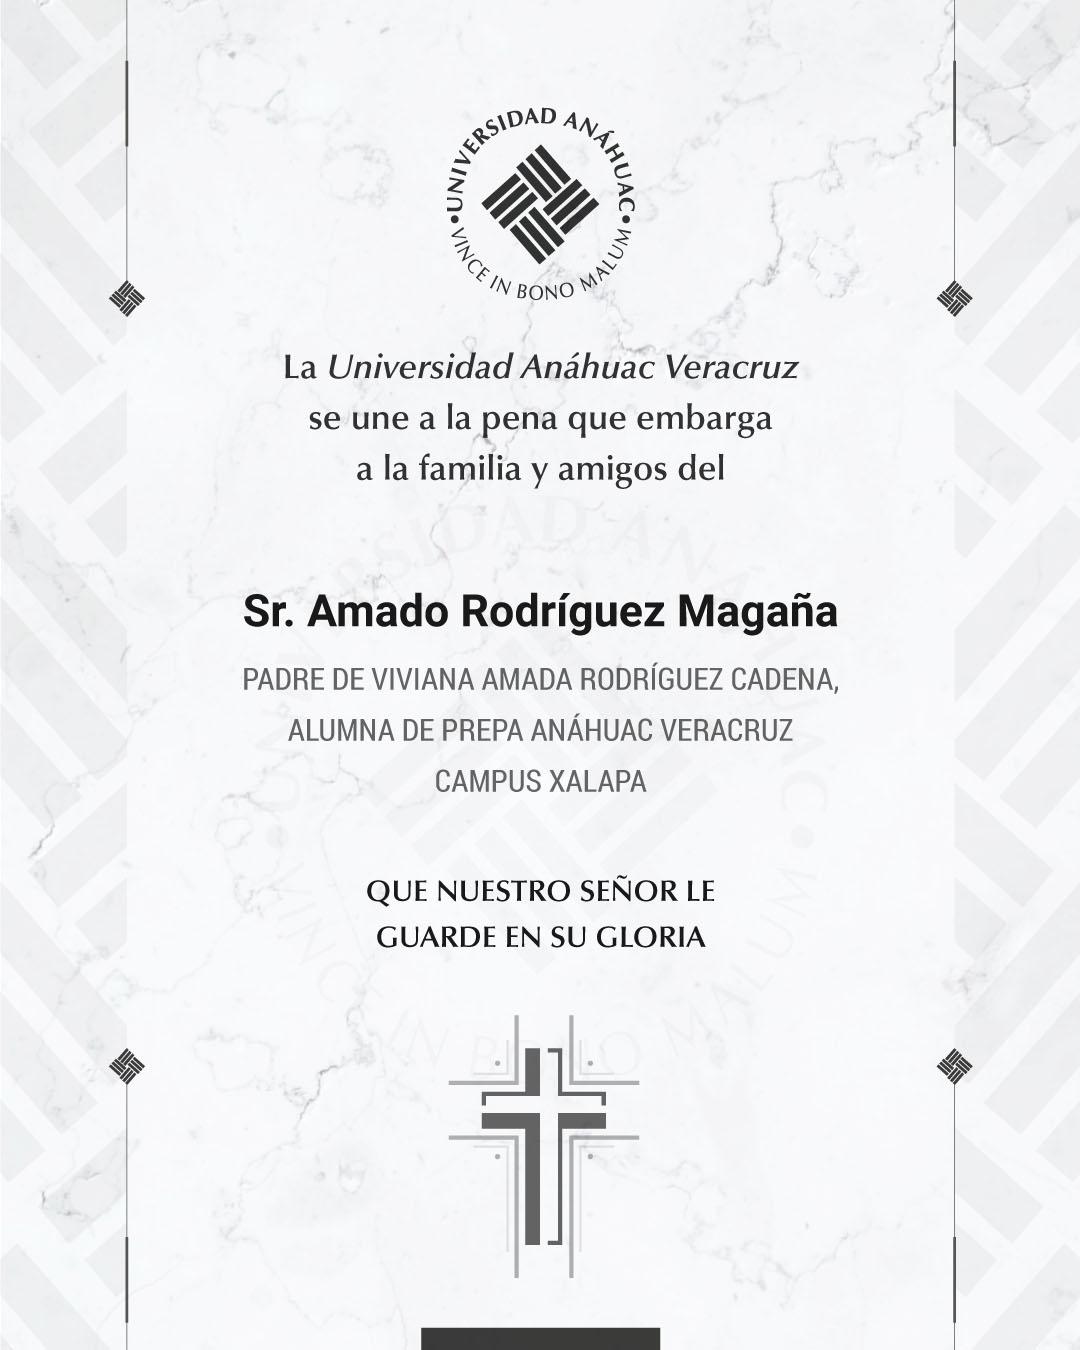 3 / 14 - Sr. Amado Rodríguez Magaña